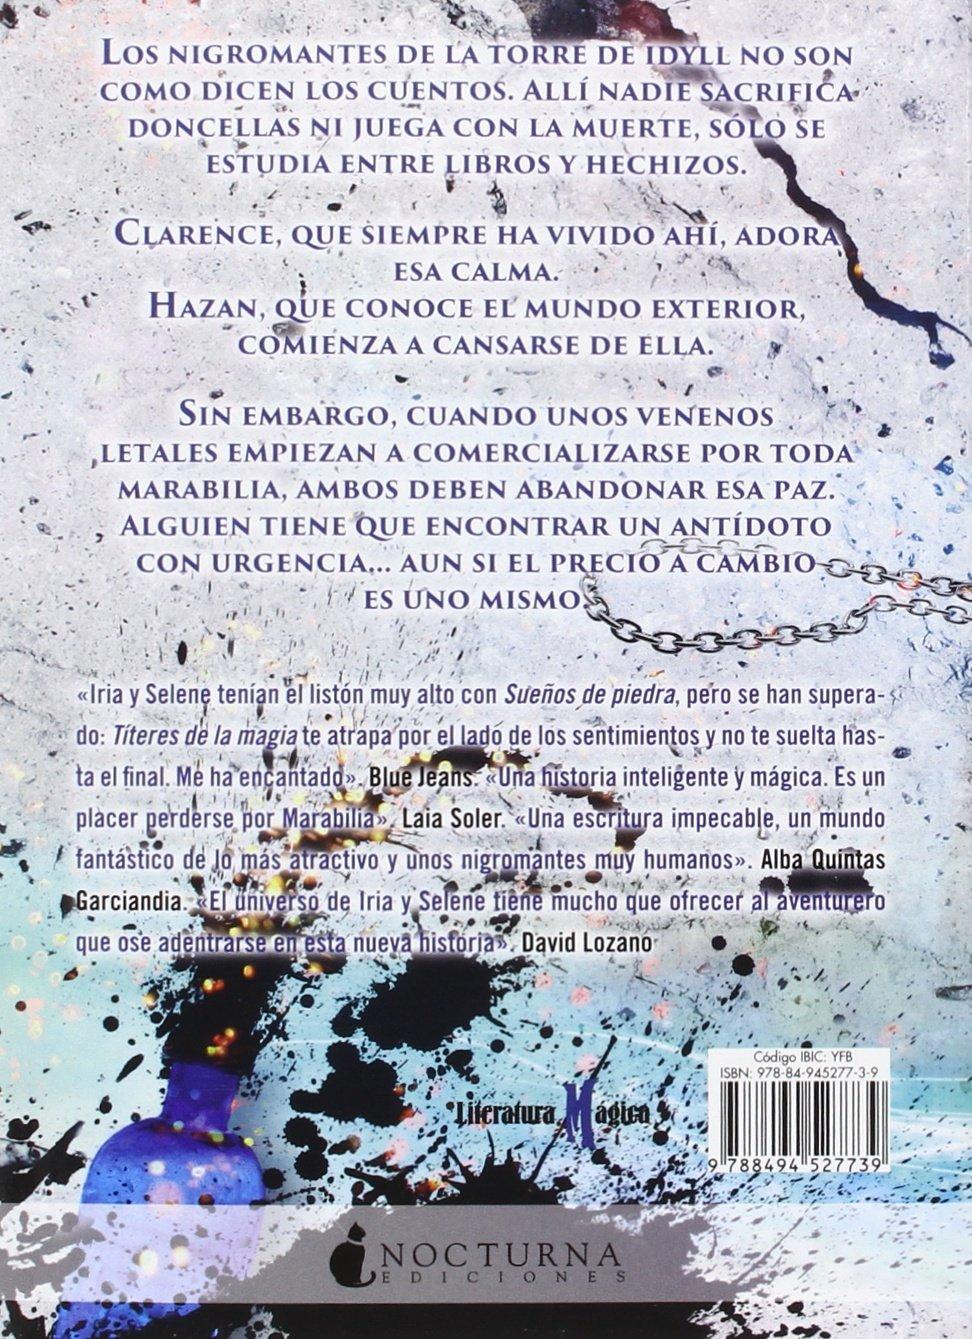 Títeres de la magia: 31 (Literatura Mágica): Amazon.es: G. Parente ...